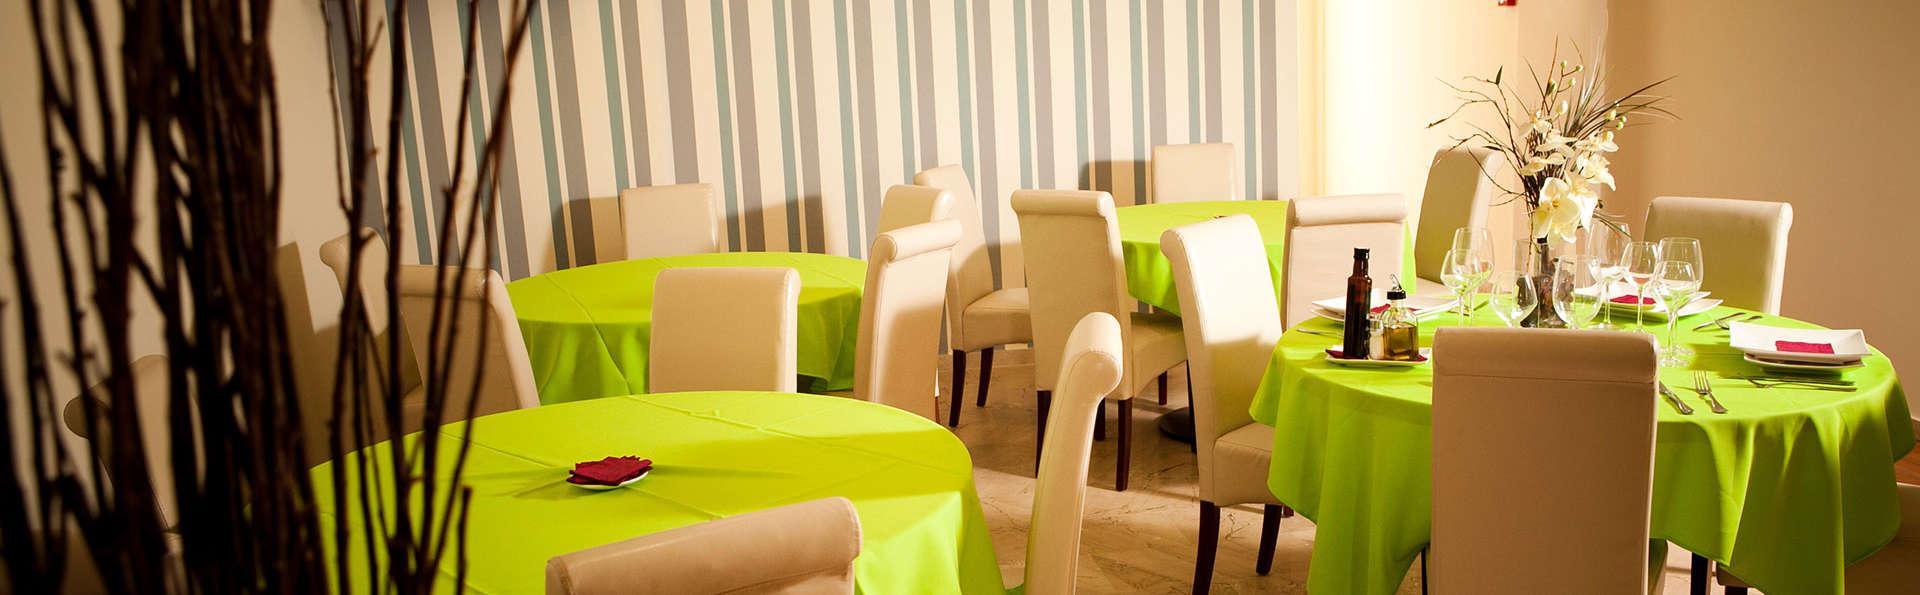 GCE Hoteles - EDIT_restaurant2.jpg